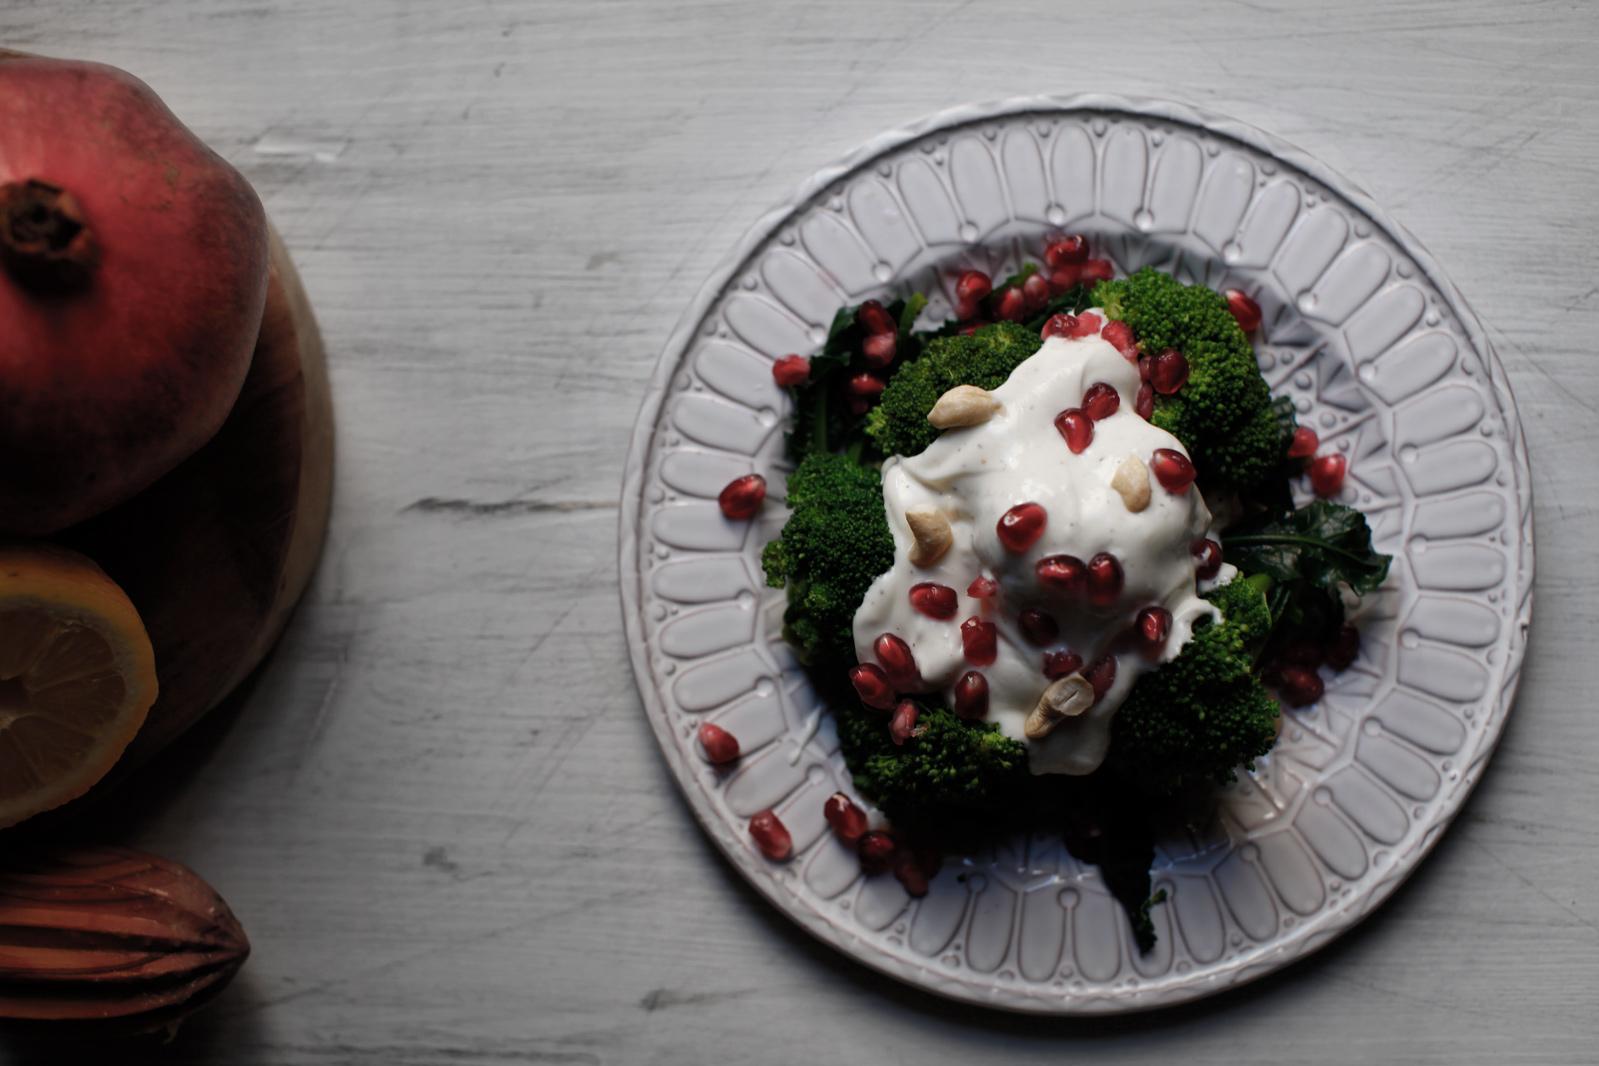 pici-e-castagne-insalata-di-broccolo-siciliano